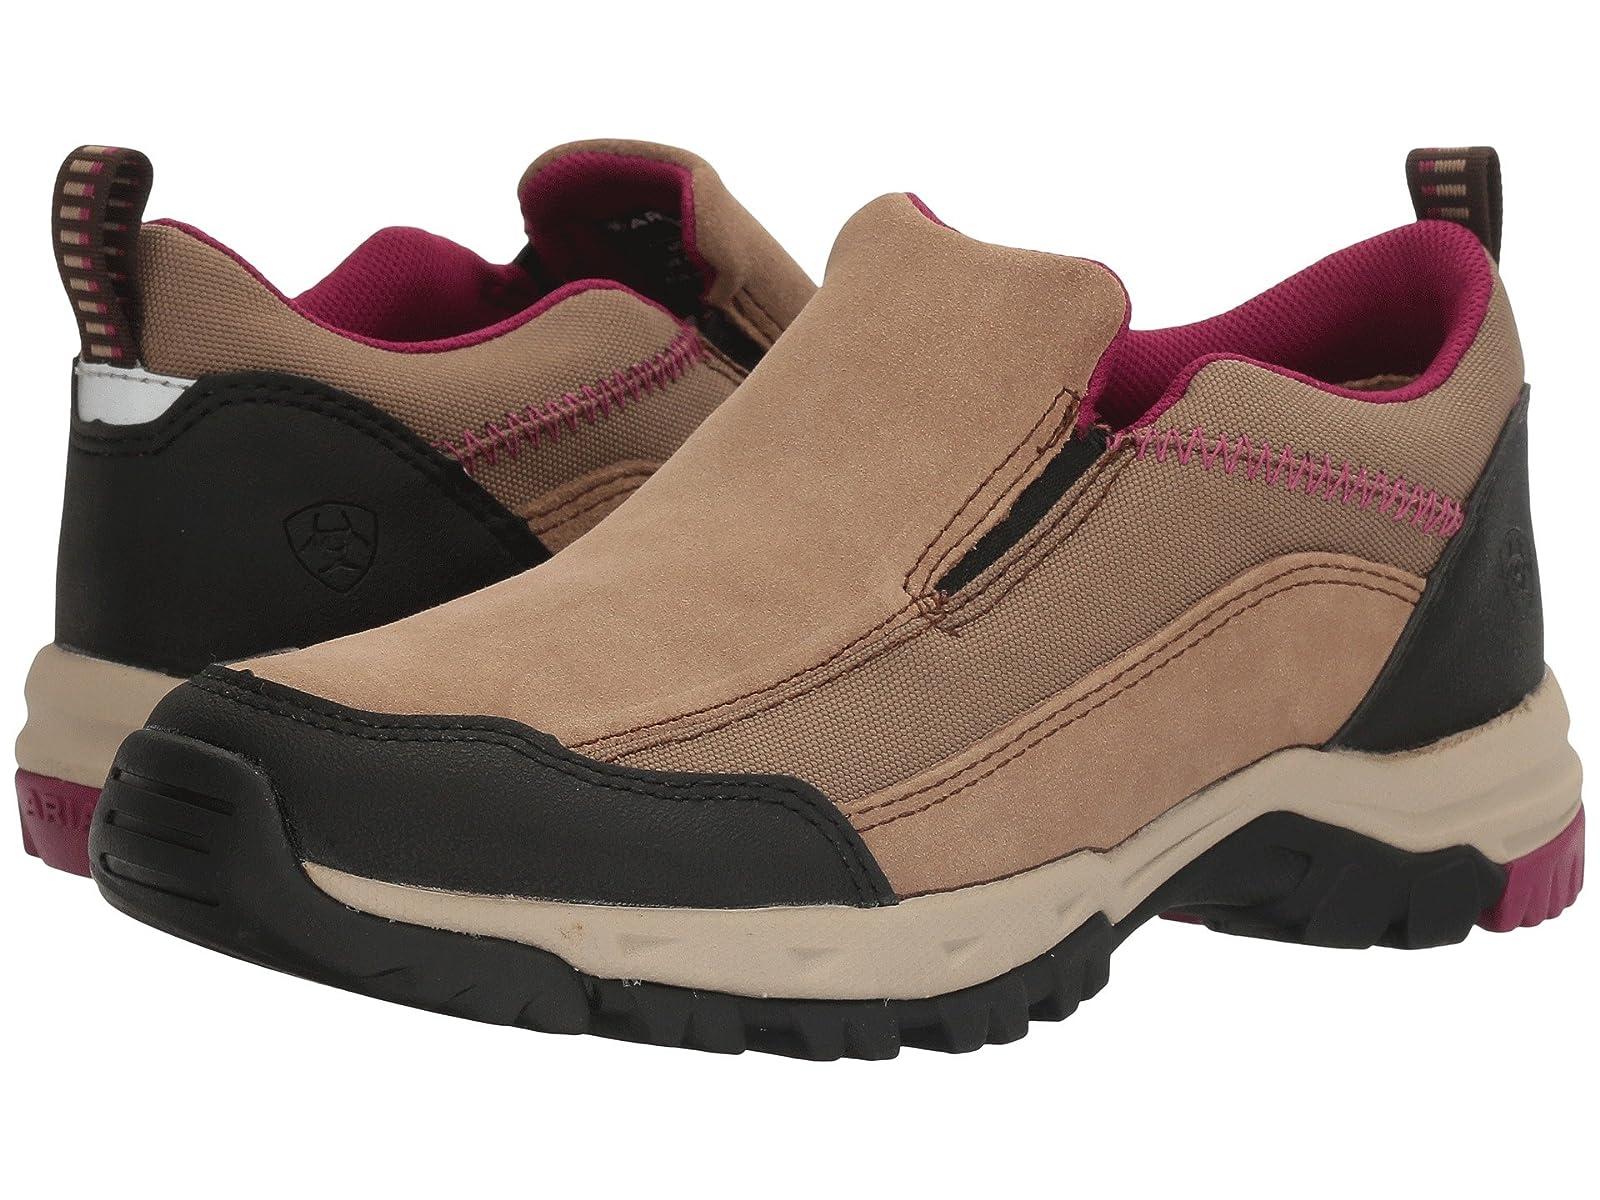 Ariat Skyline Slip-OnAtmospheric grades have affordable shoes